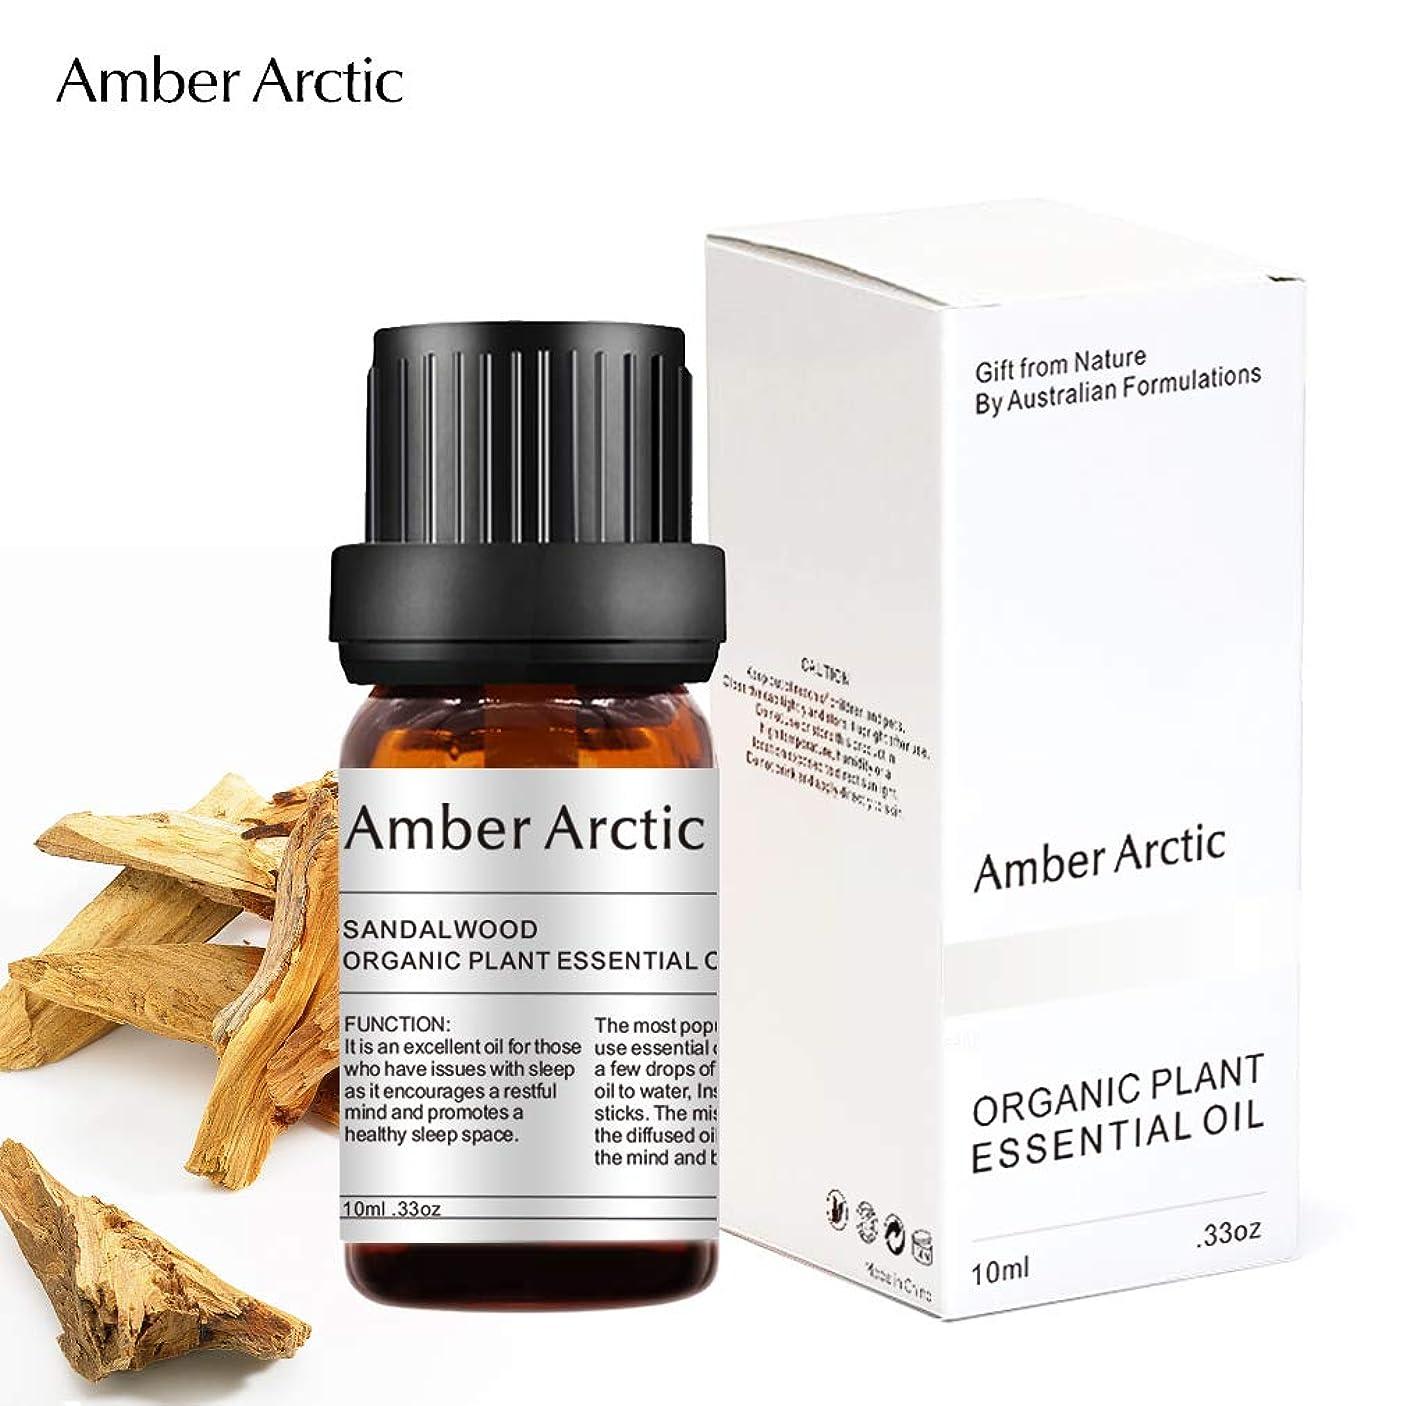 主不定休暇Amber Arctic サンダルウッド エッセンシャル オイル、100% ピュア ナチュラル アロマセラピー サンダルウッド オイル スプレッド 用 (10ML) サンダルウッド